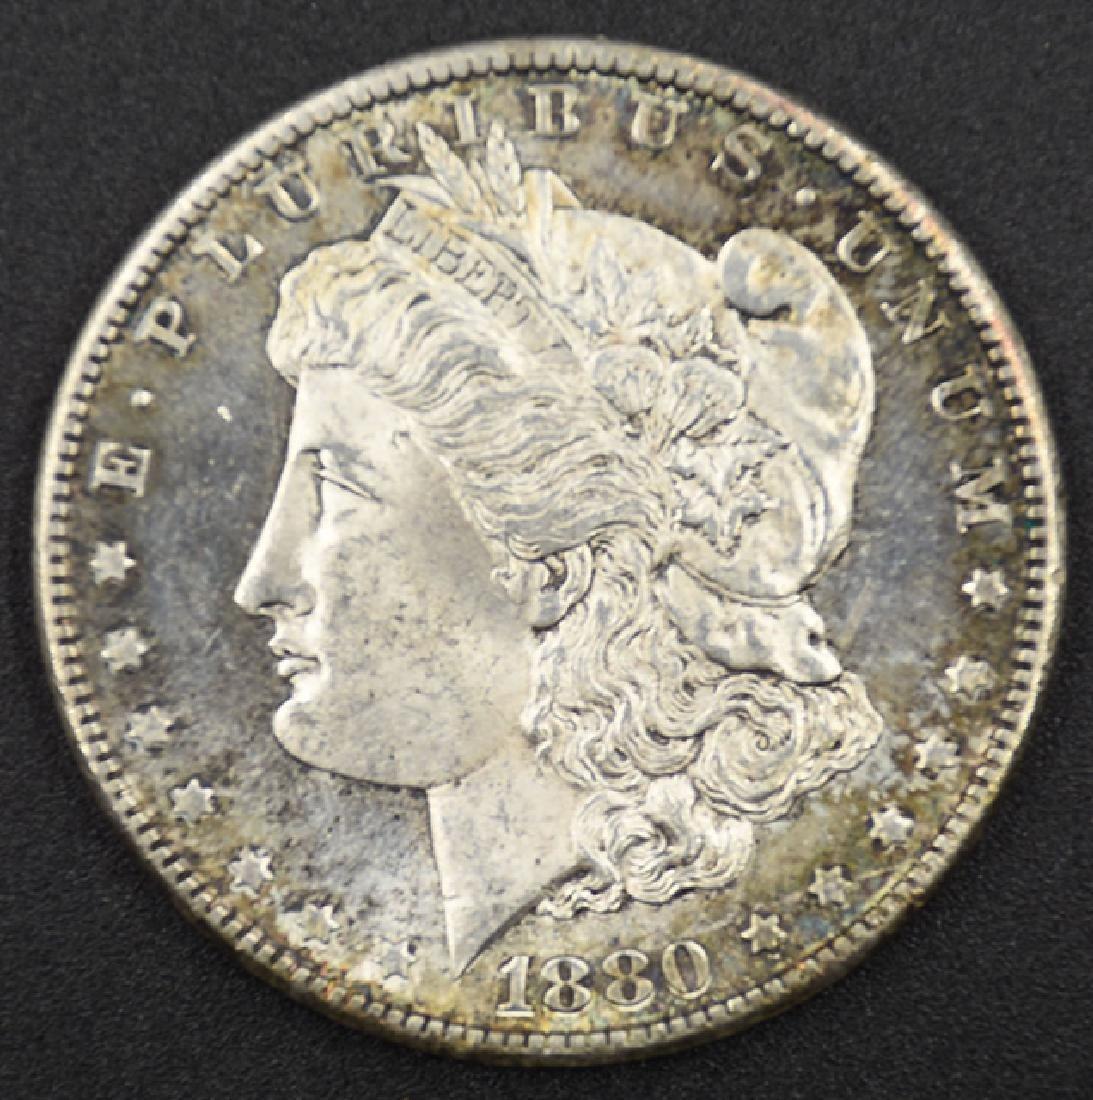 1880-S Morgan Silver Dollar Coin